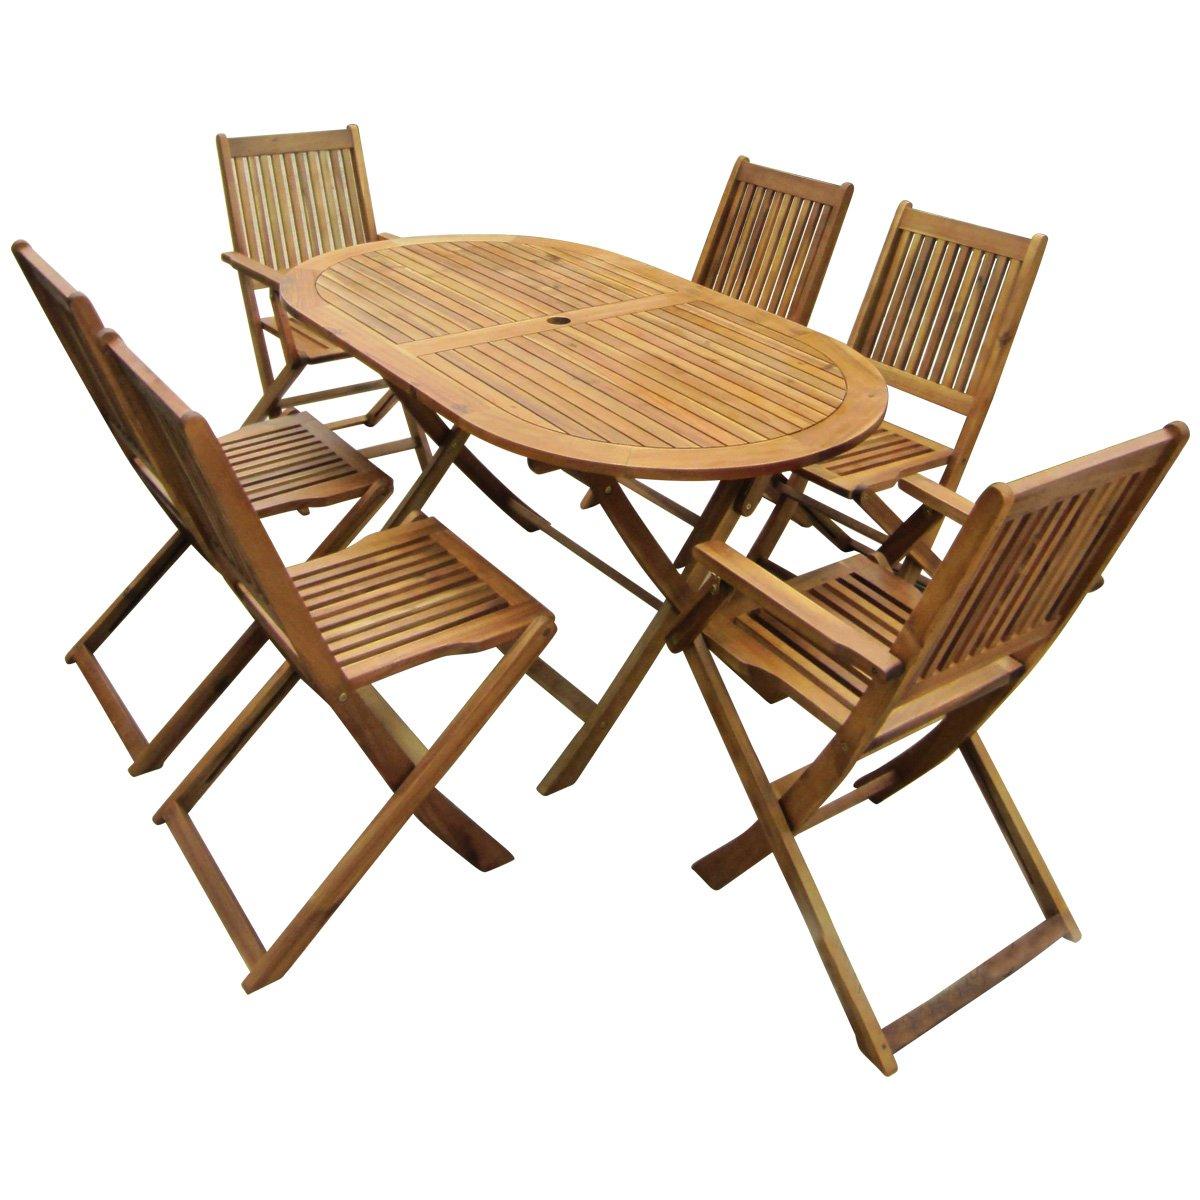 Superb Bentley Garden   Gartenmöbel Set Aus Holz   Ausziehbarer Ovaler Tisch U0026 6  Stühle